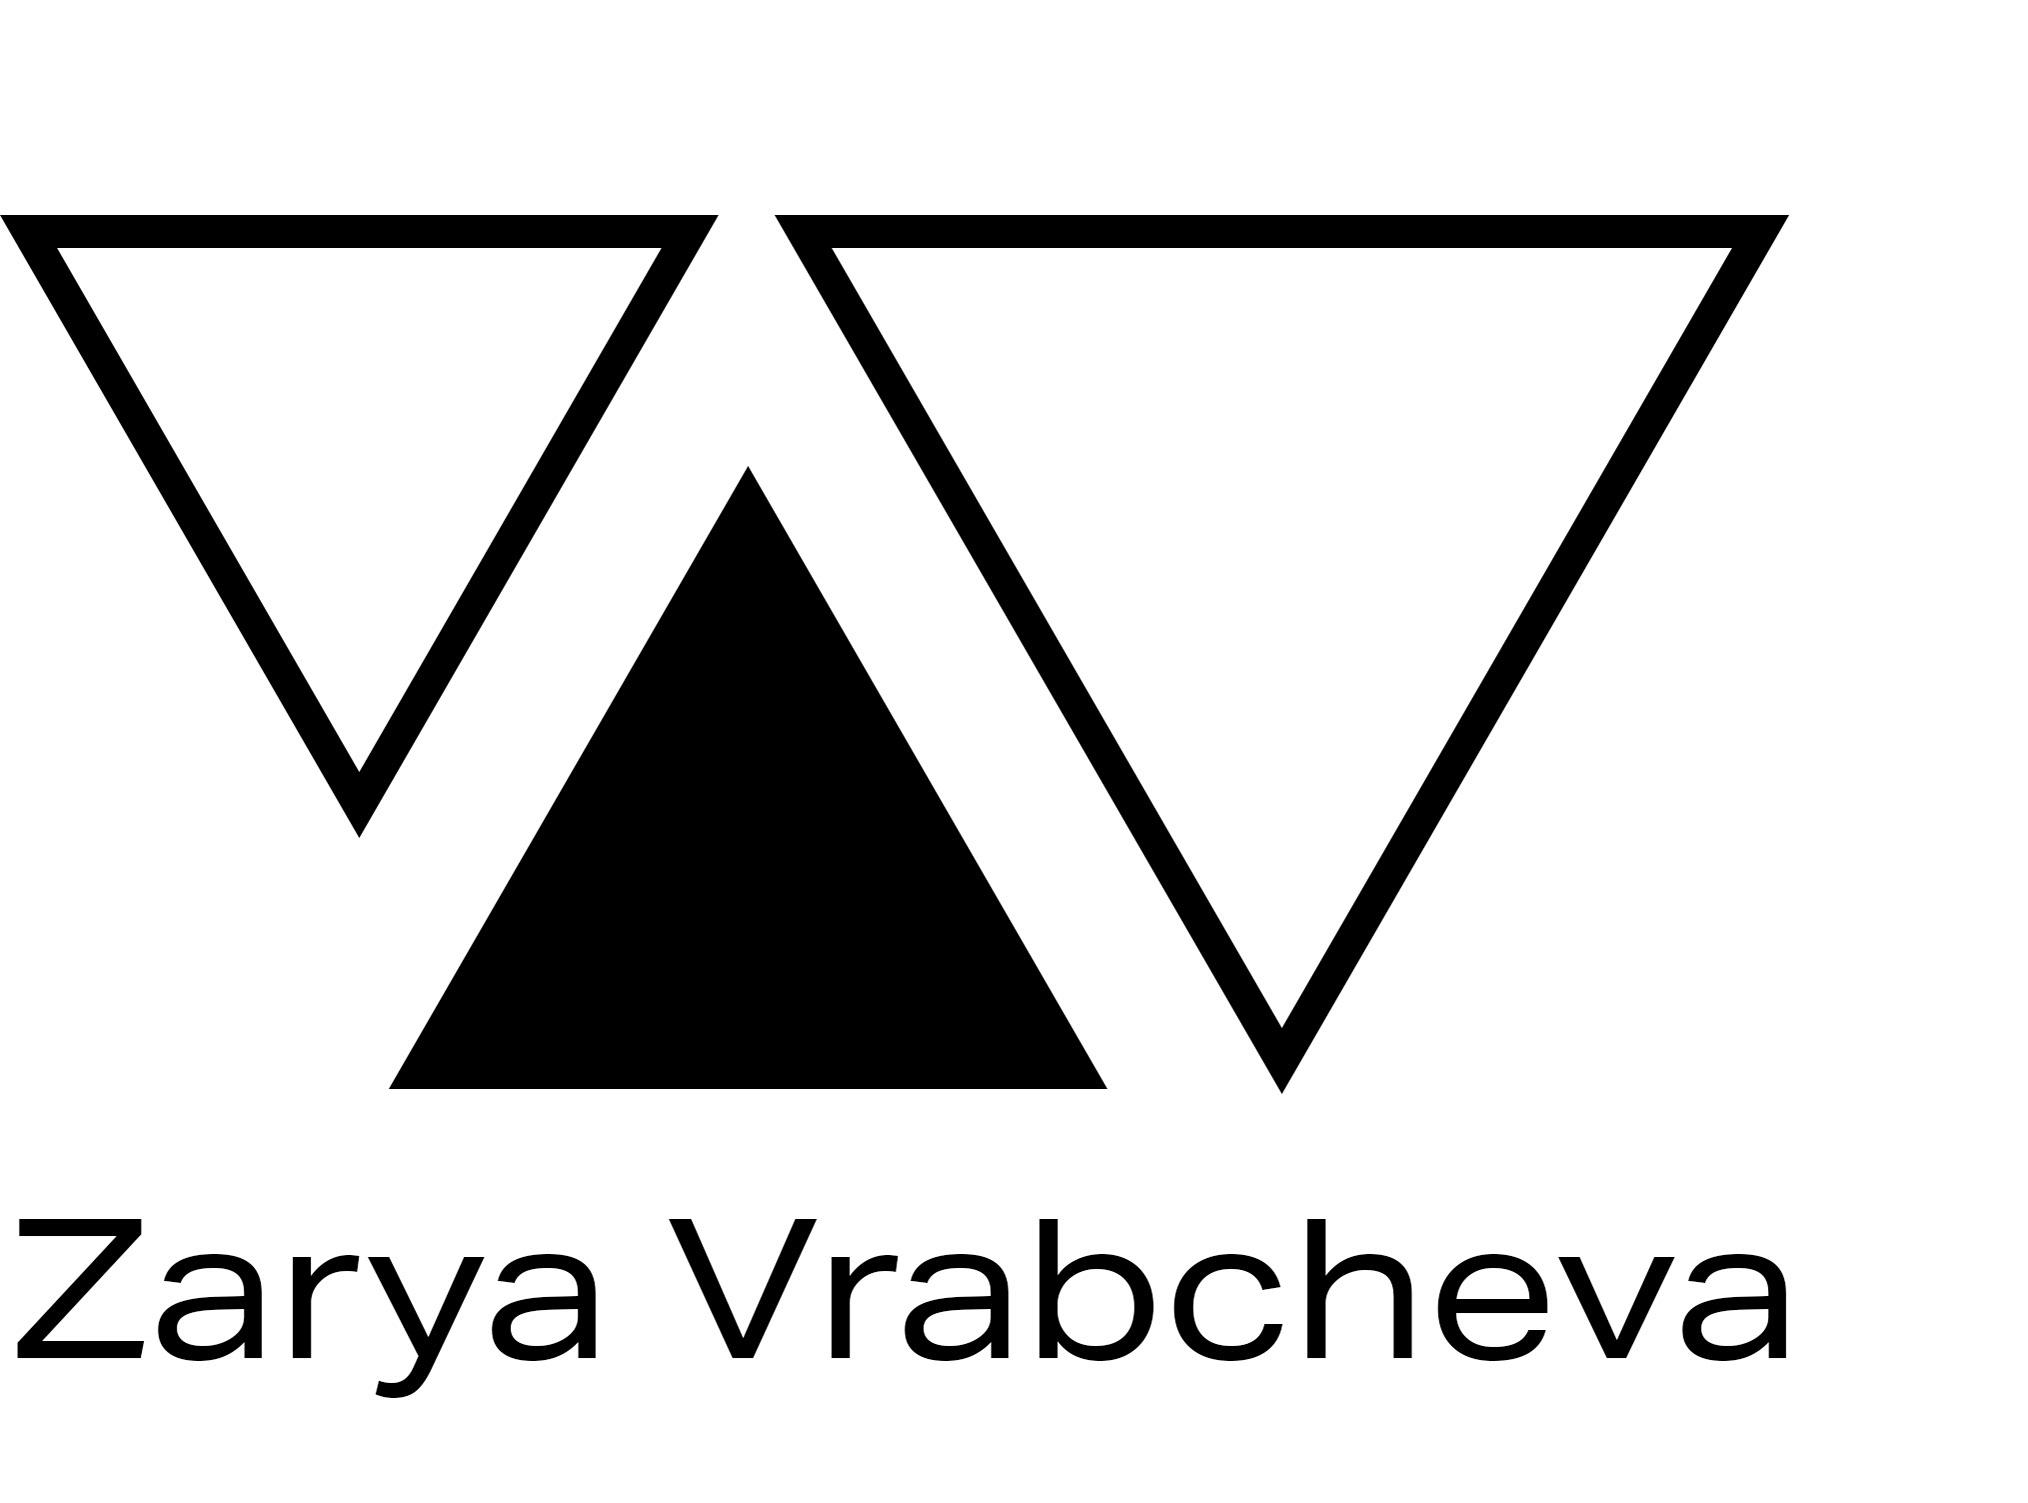 Zarya Vrabcheva